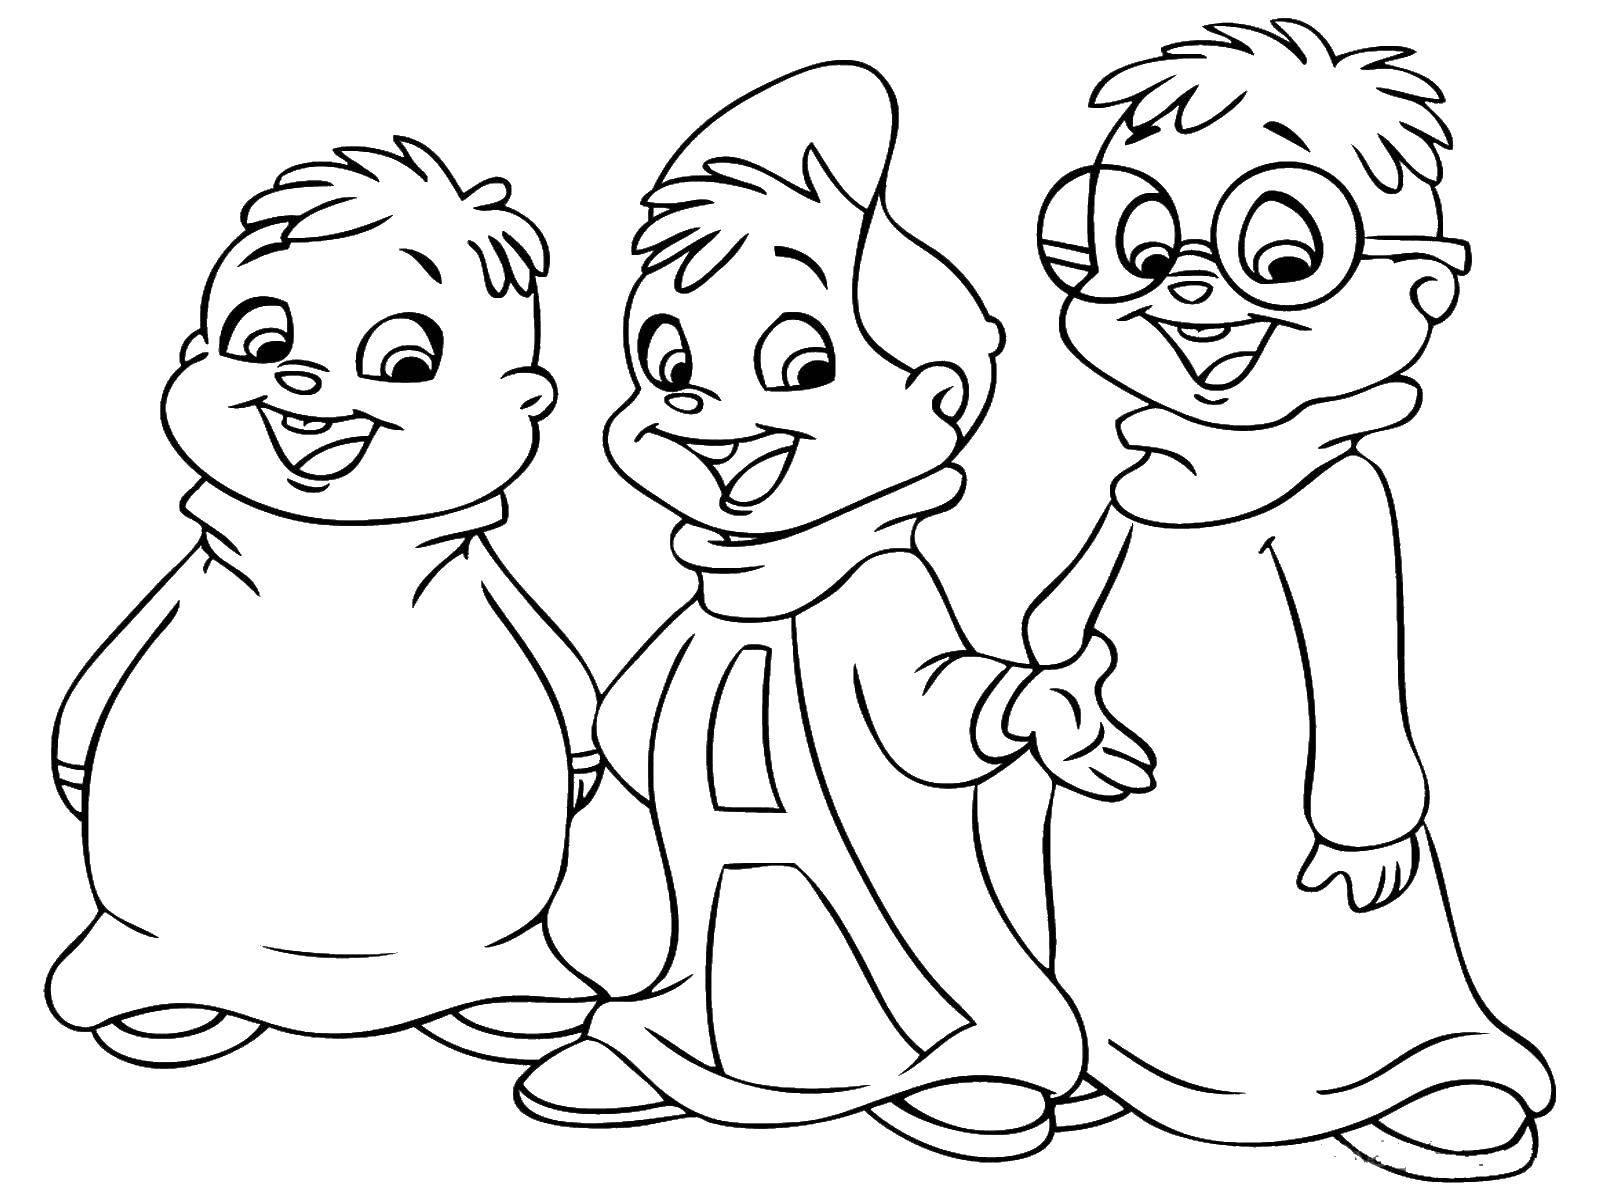 Раскраска Персонажи мультика Скачать мультики, мультфильмы, пероснажи.  Распечатать ,мультики,